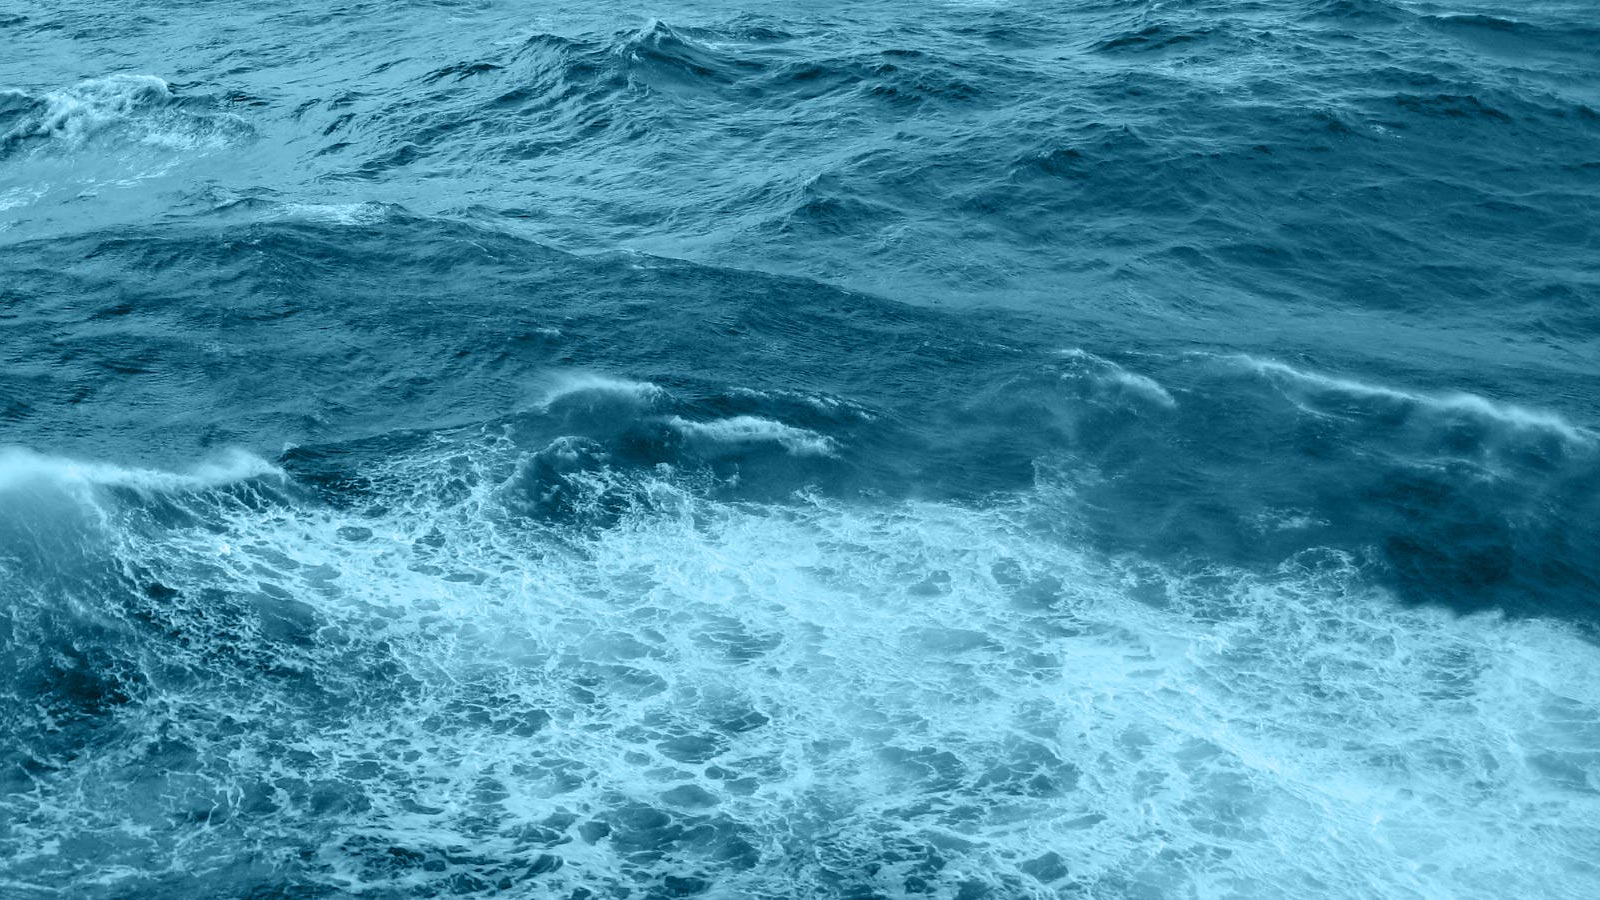 Amazing Wallpaper Horse Ocean - tumblr_static_ocean_bgimg  Pictures_208459.jpg